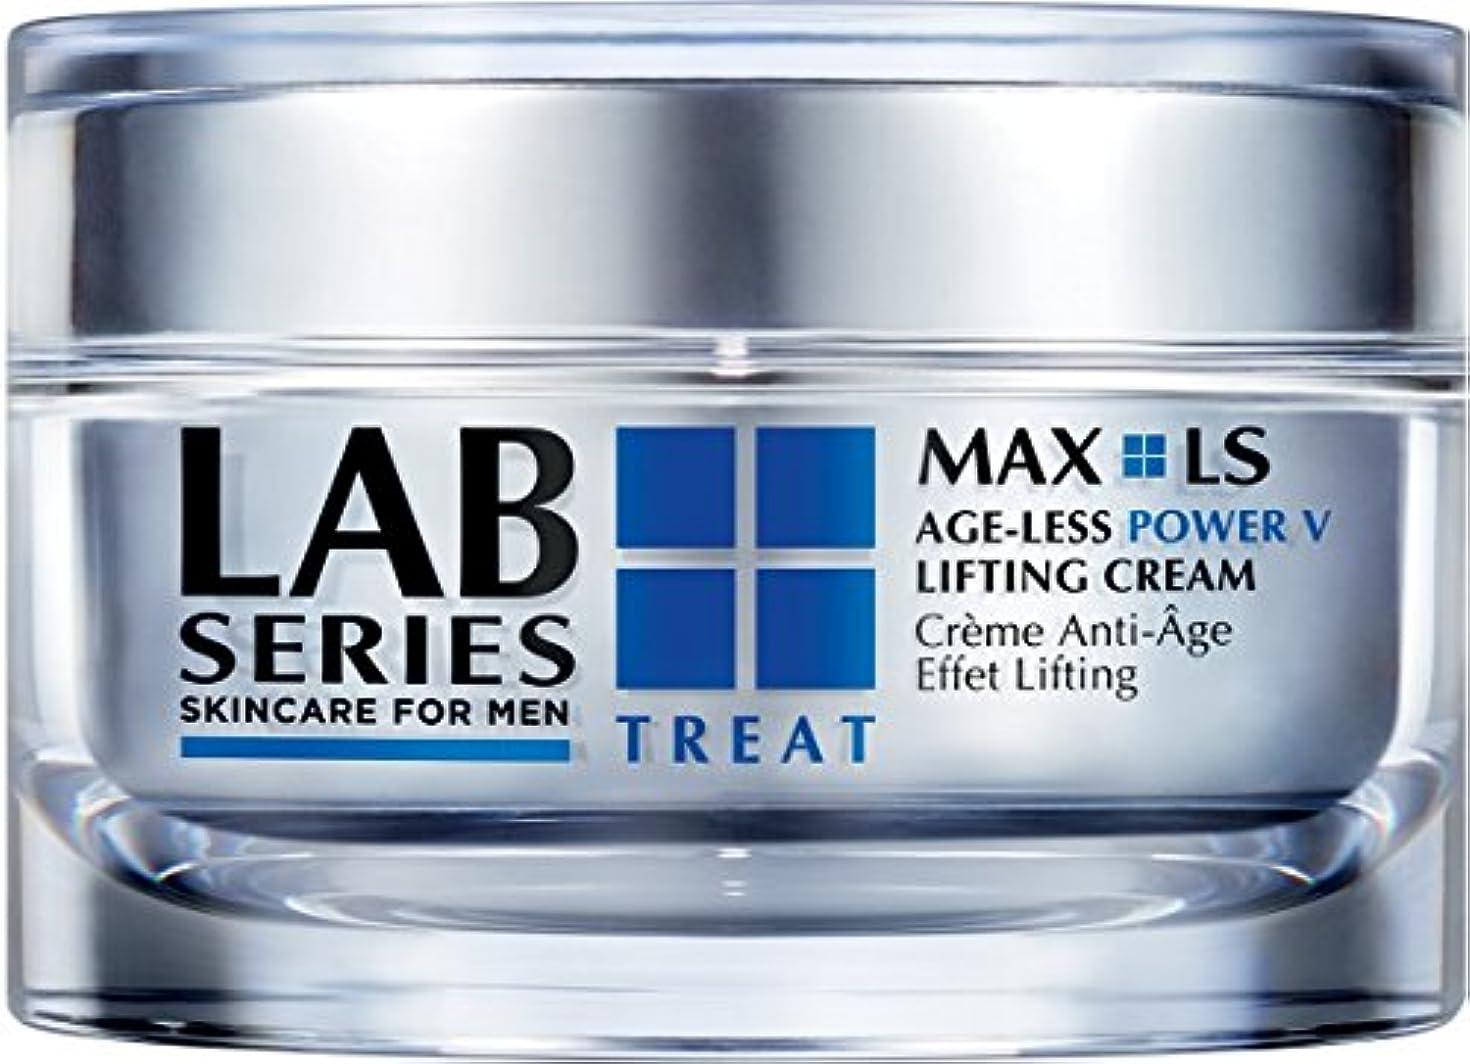 前売羊飼い権限を与えるラボシリーズ (LAB SERIES) マックス LS V クリーム 50mL